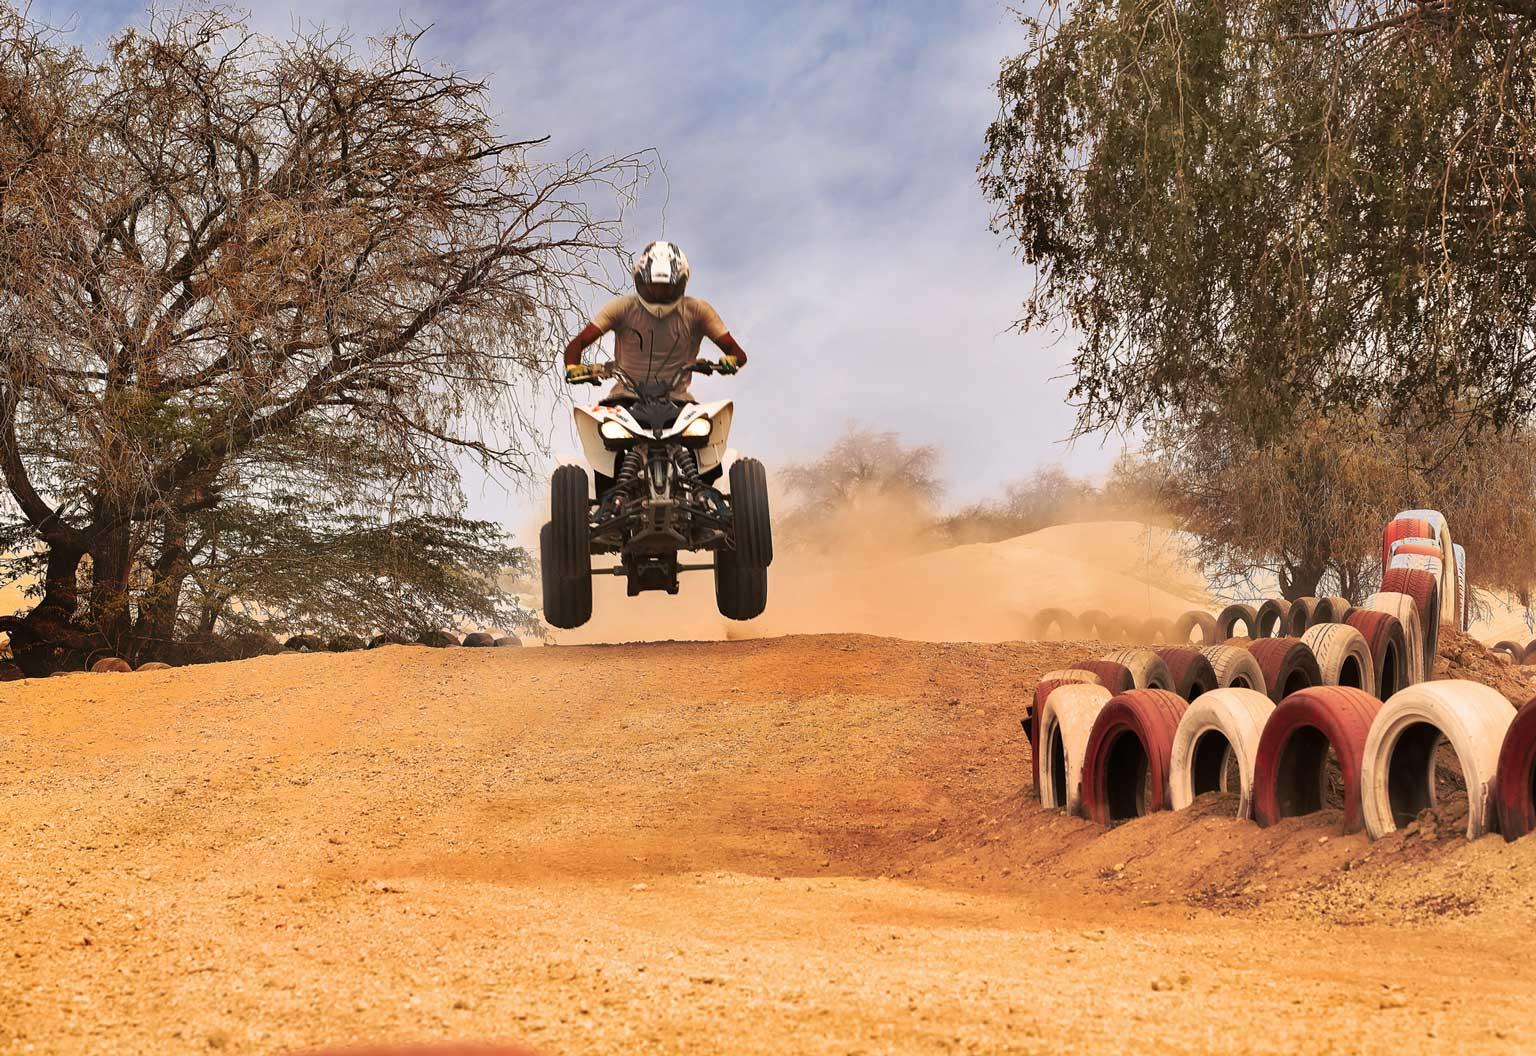 پیست سافاری و موتور سواری در قشم